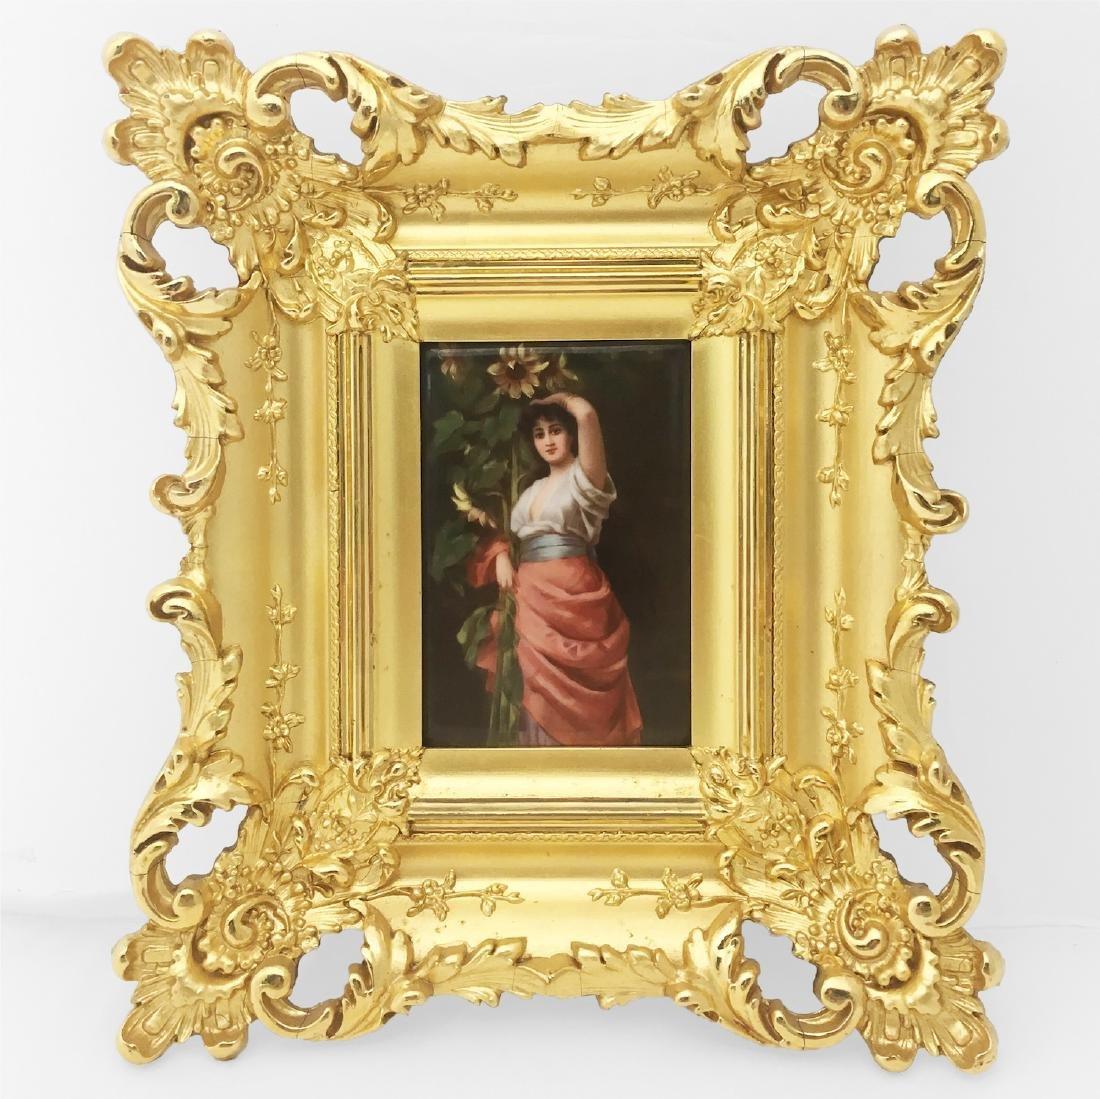 KPM Porcelain Plaque in Gold Gilt Frame